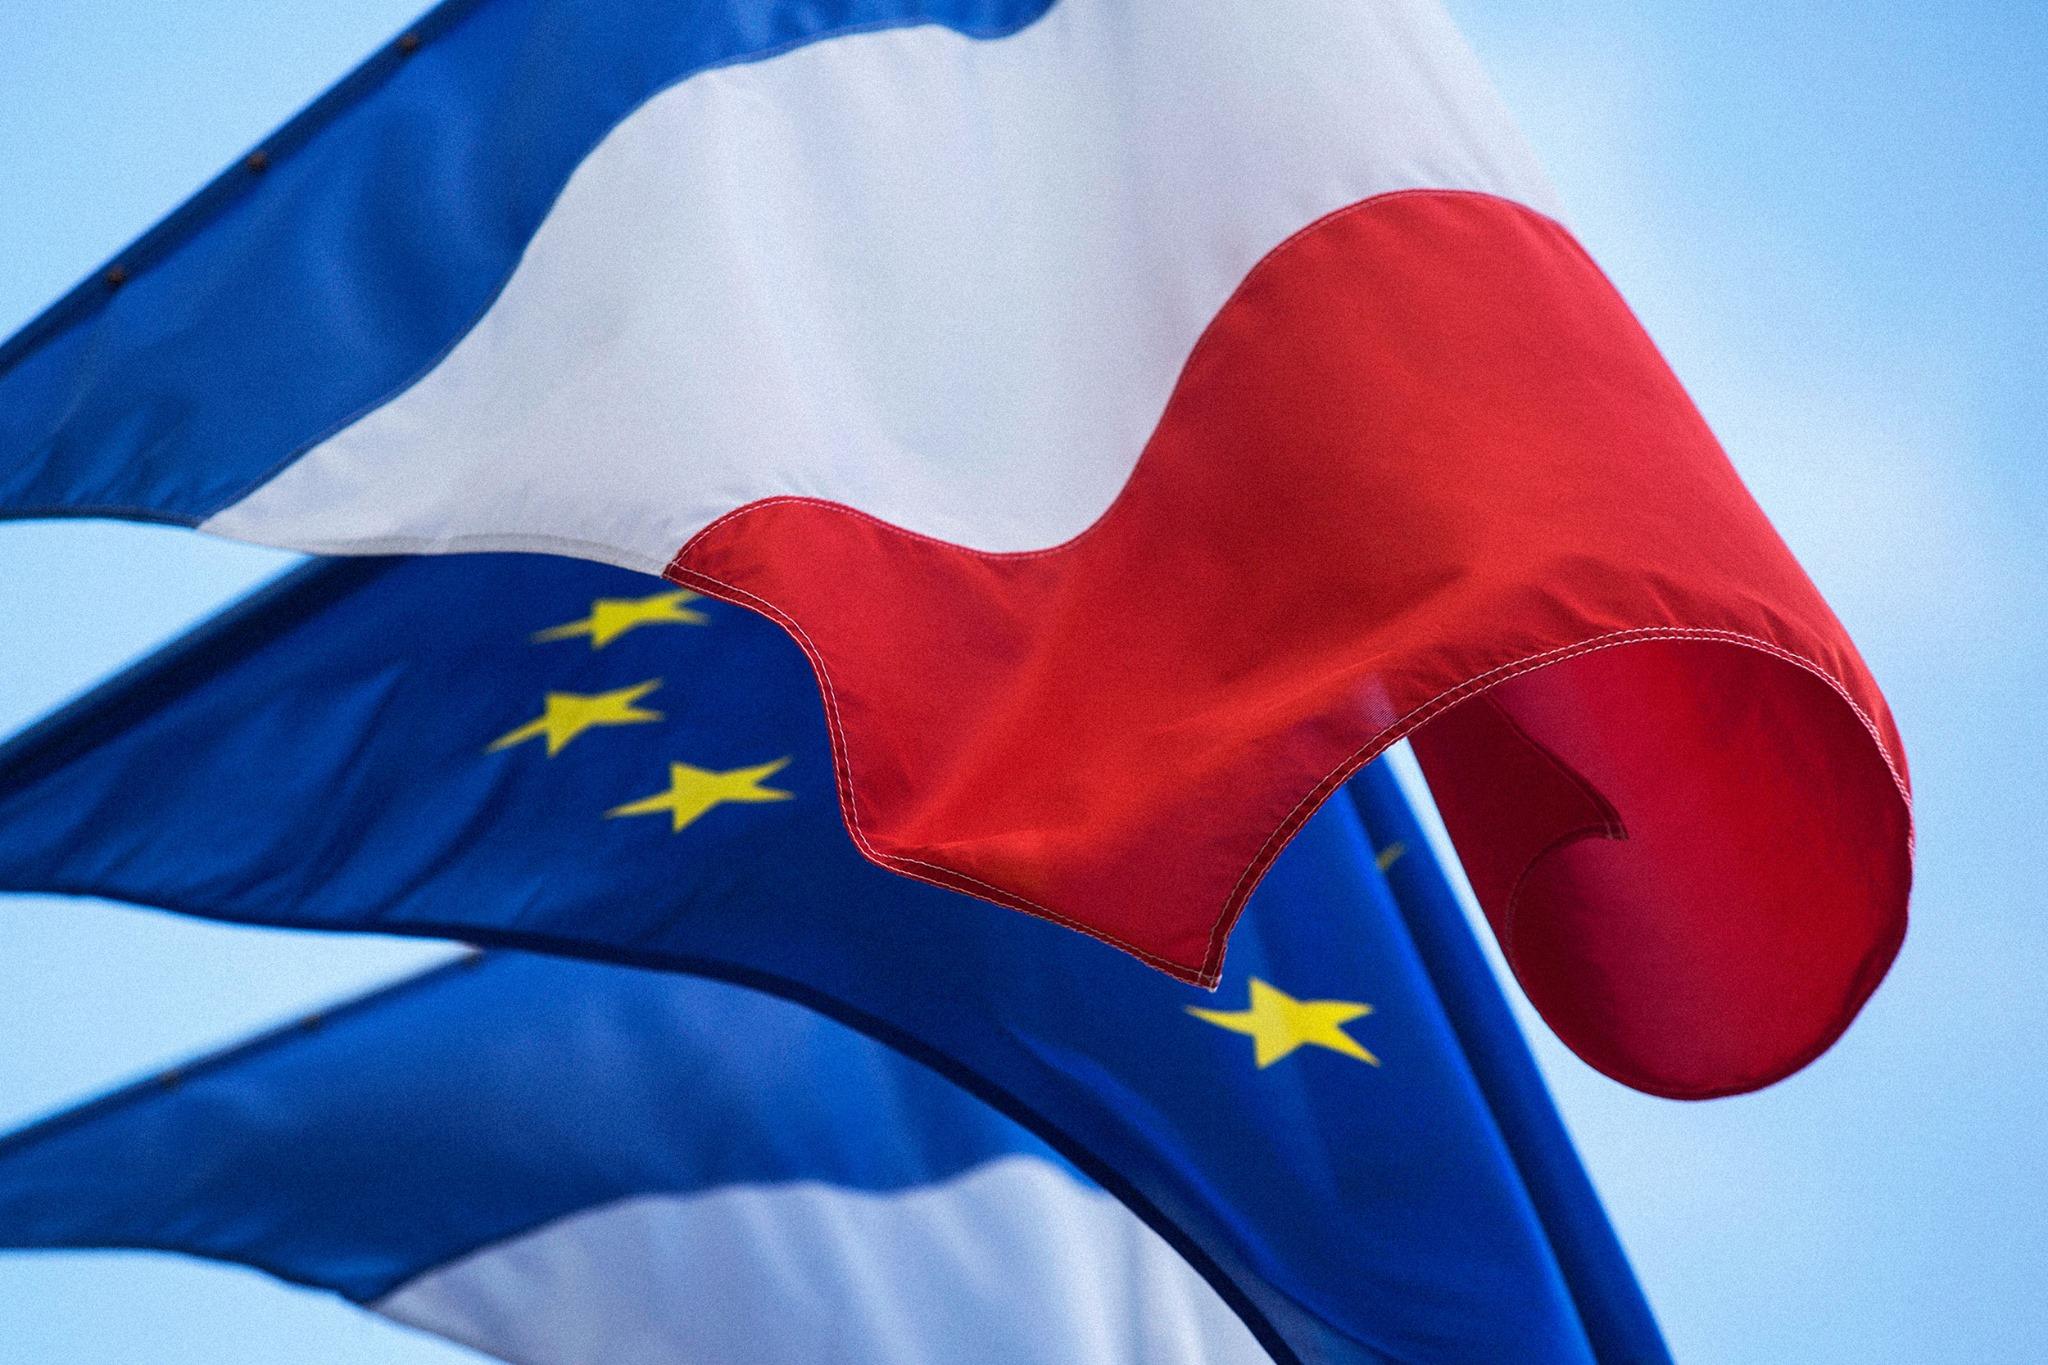 Pa voté le 25 mè ! Par le collectif contre l'Europe des capitaux !